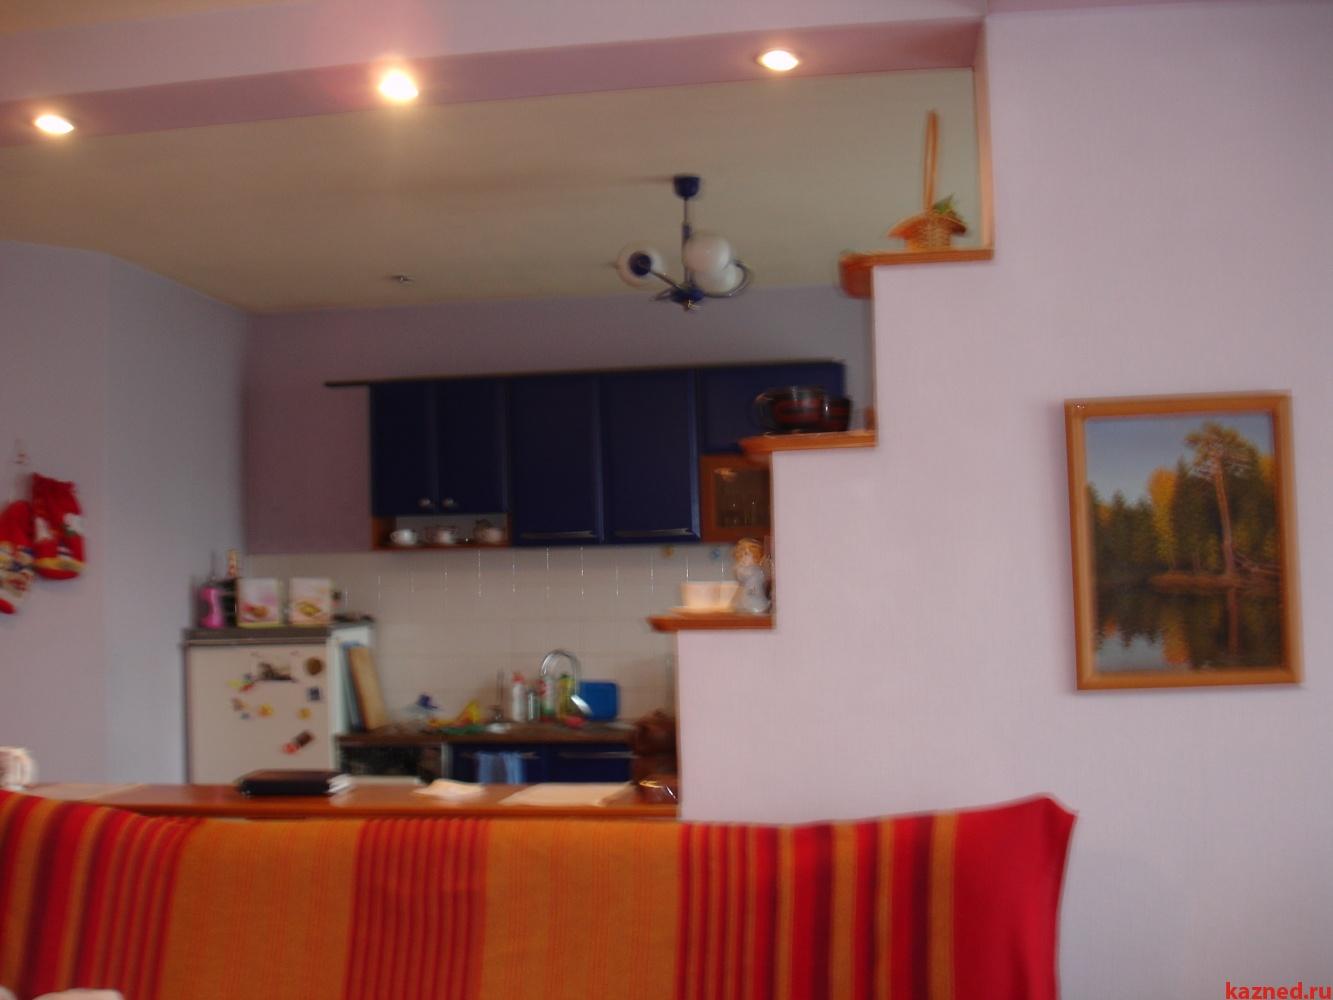 Продажа 4-к квартиры Камала,53, 144 м2  (миниатюра №6)